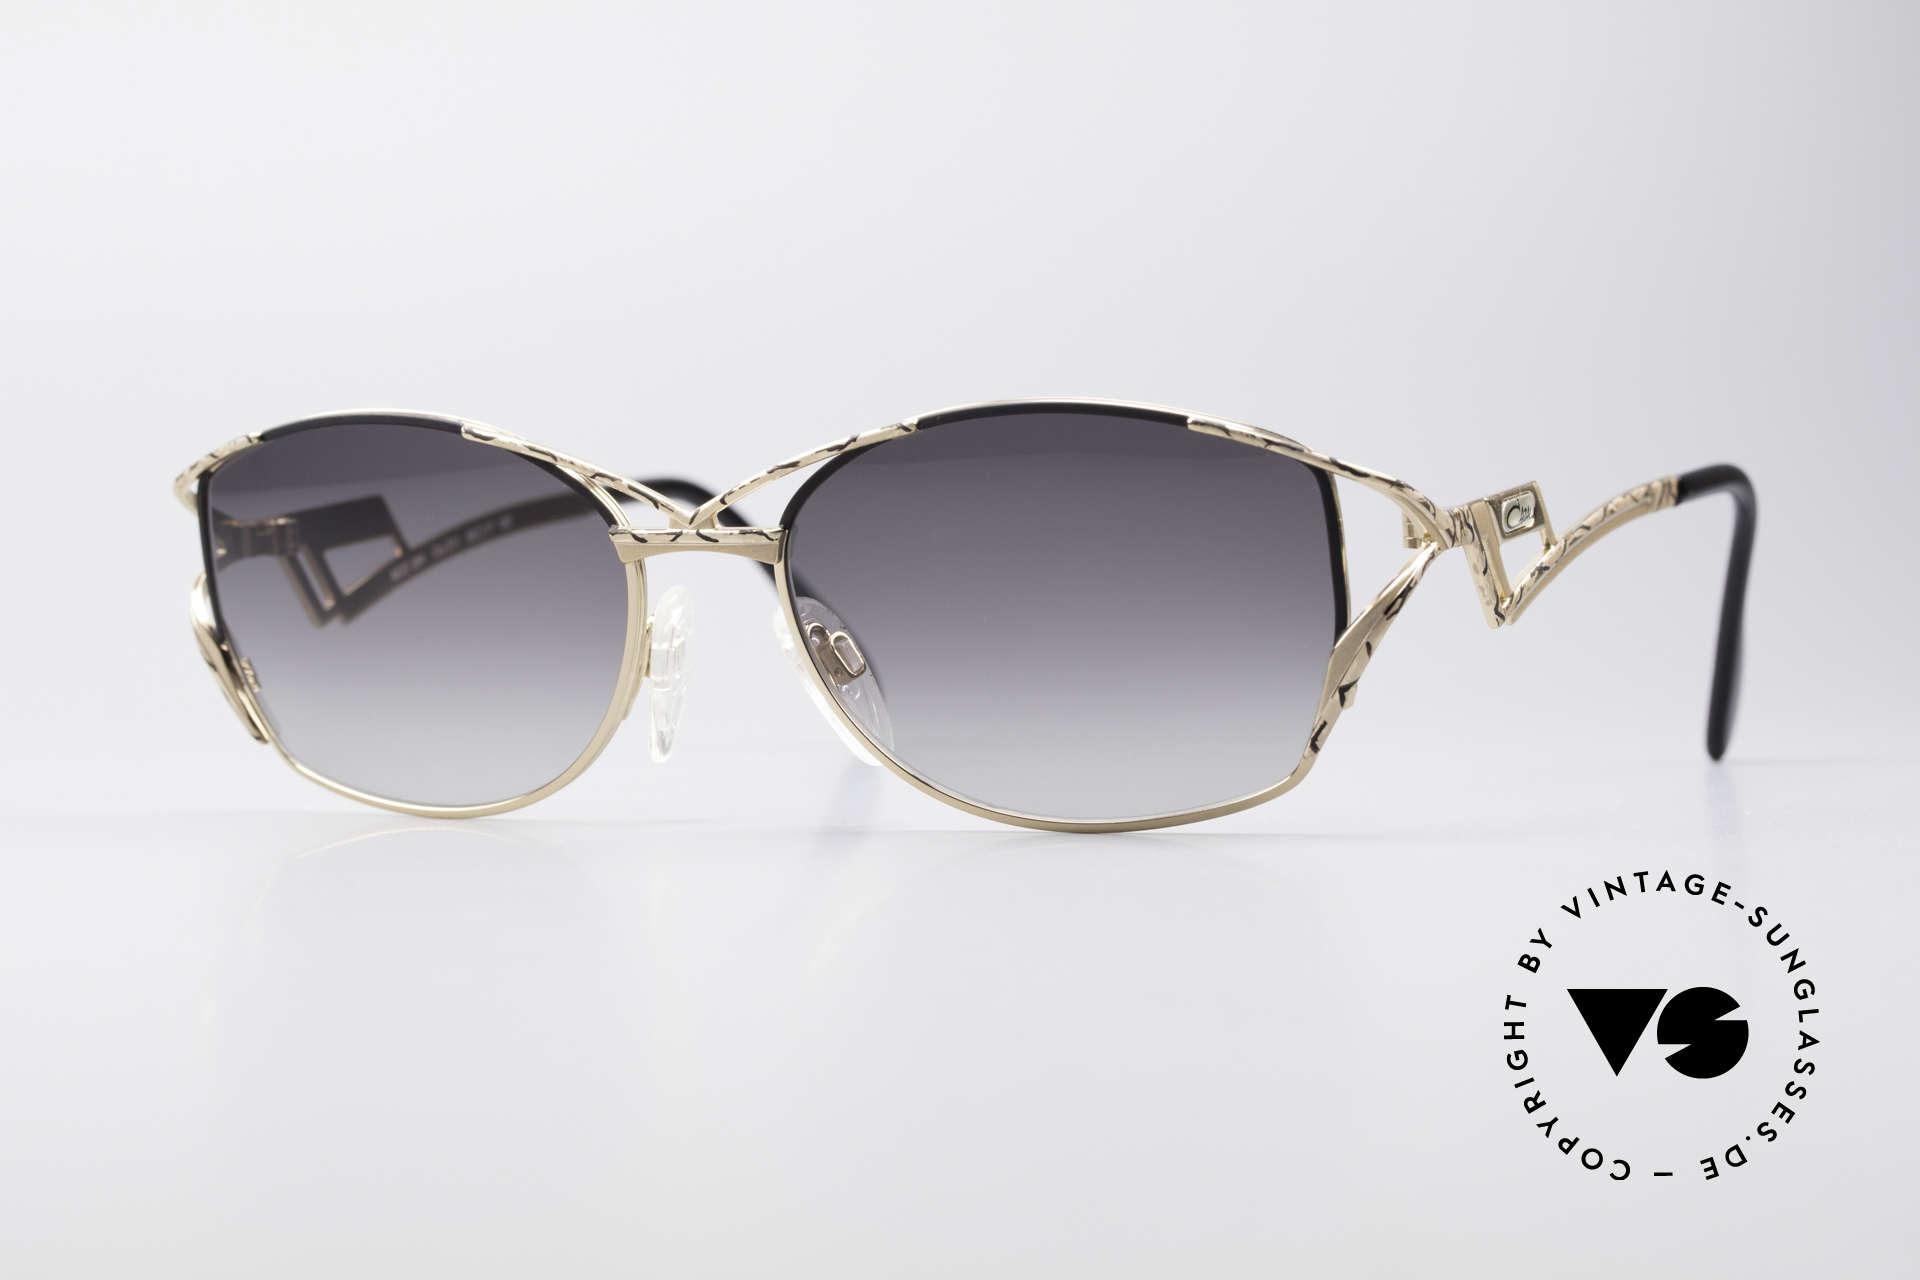 Cazal 284 Luxus Vintage Sonnenbrille, außergewöhnliche Cazal Brille aus den späten 90ern, Passend für Damen